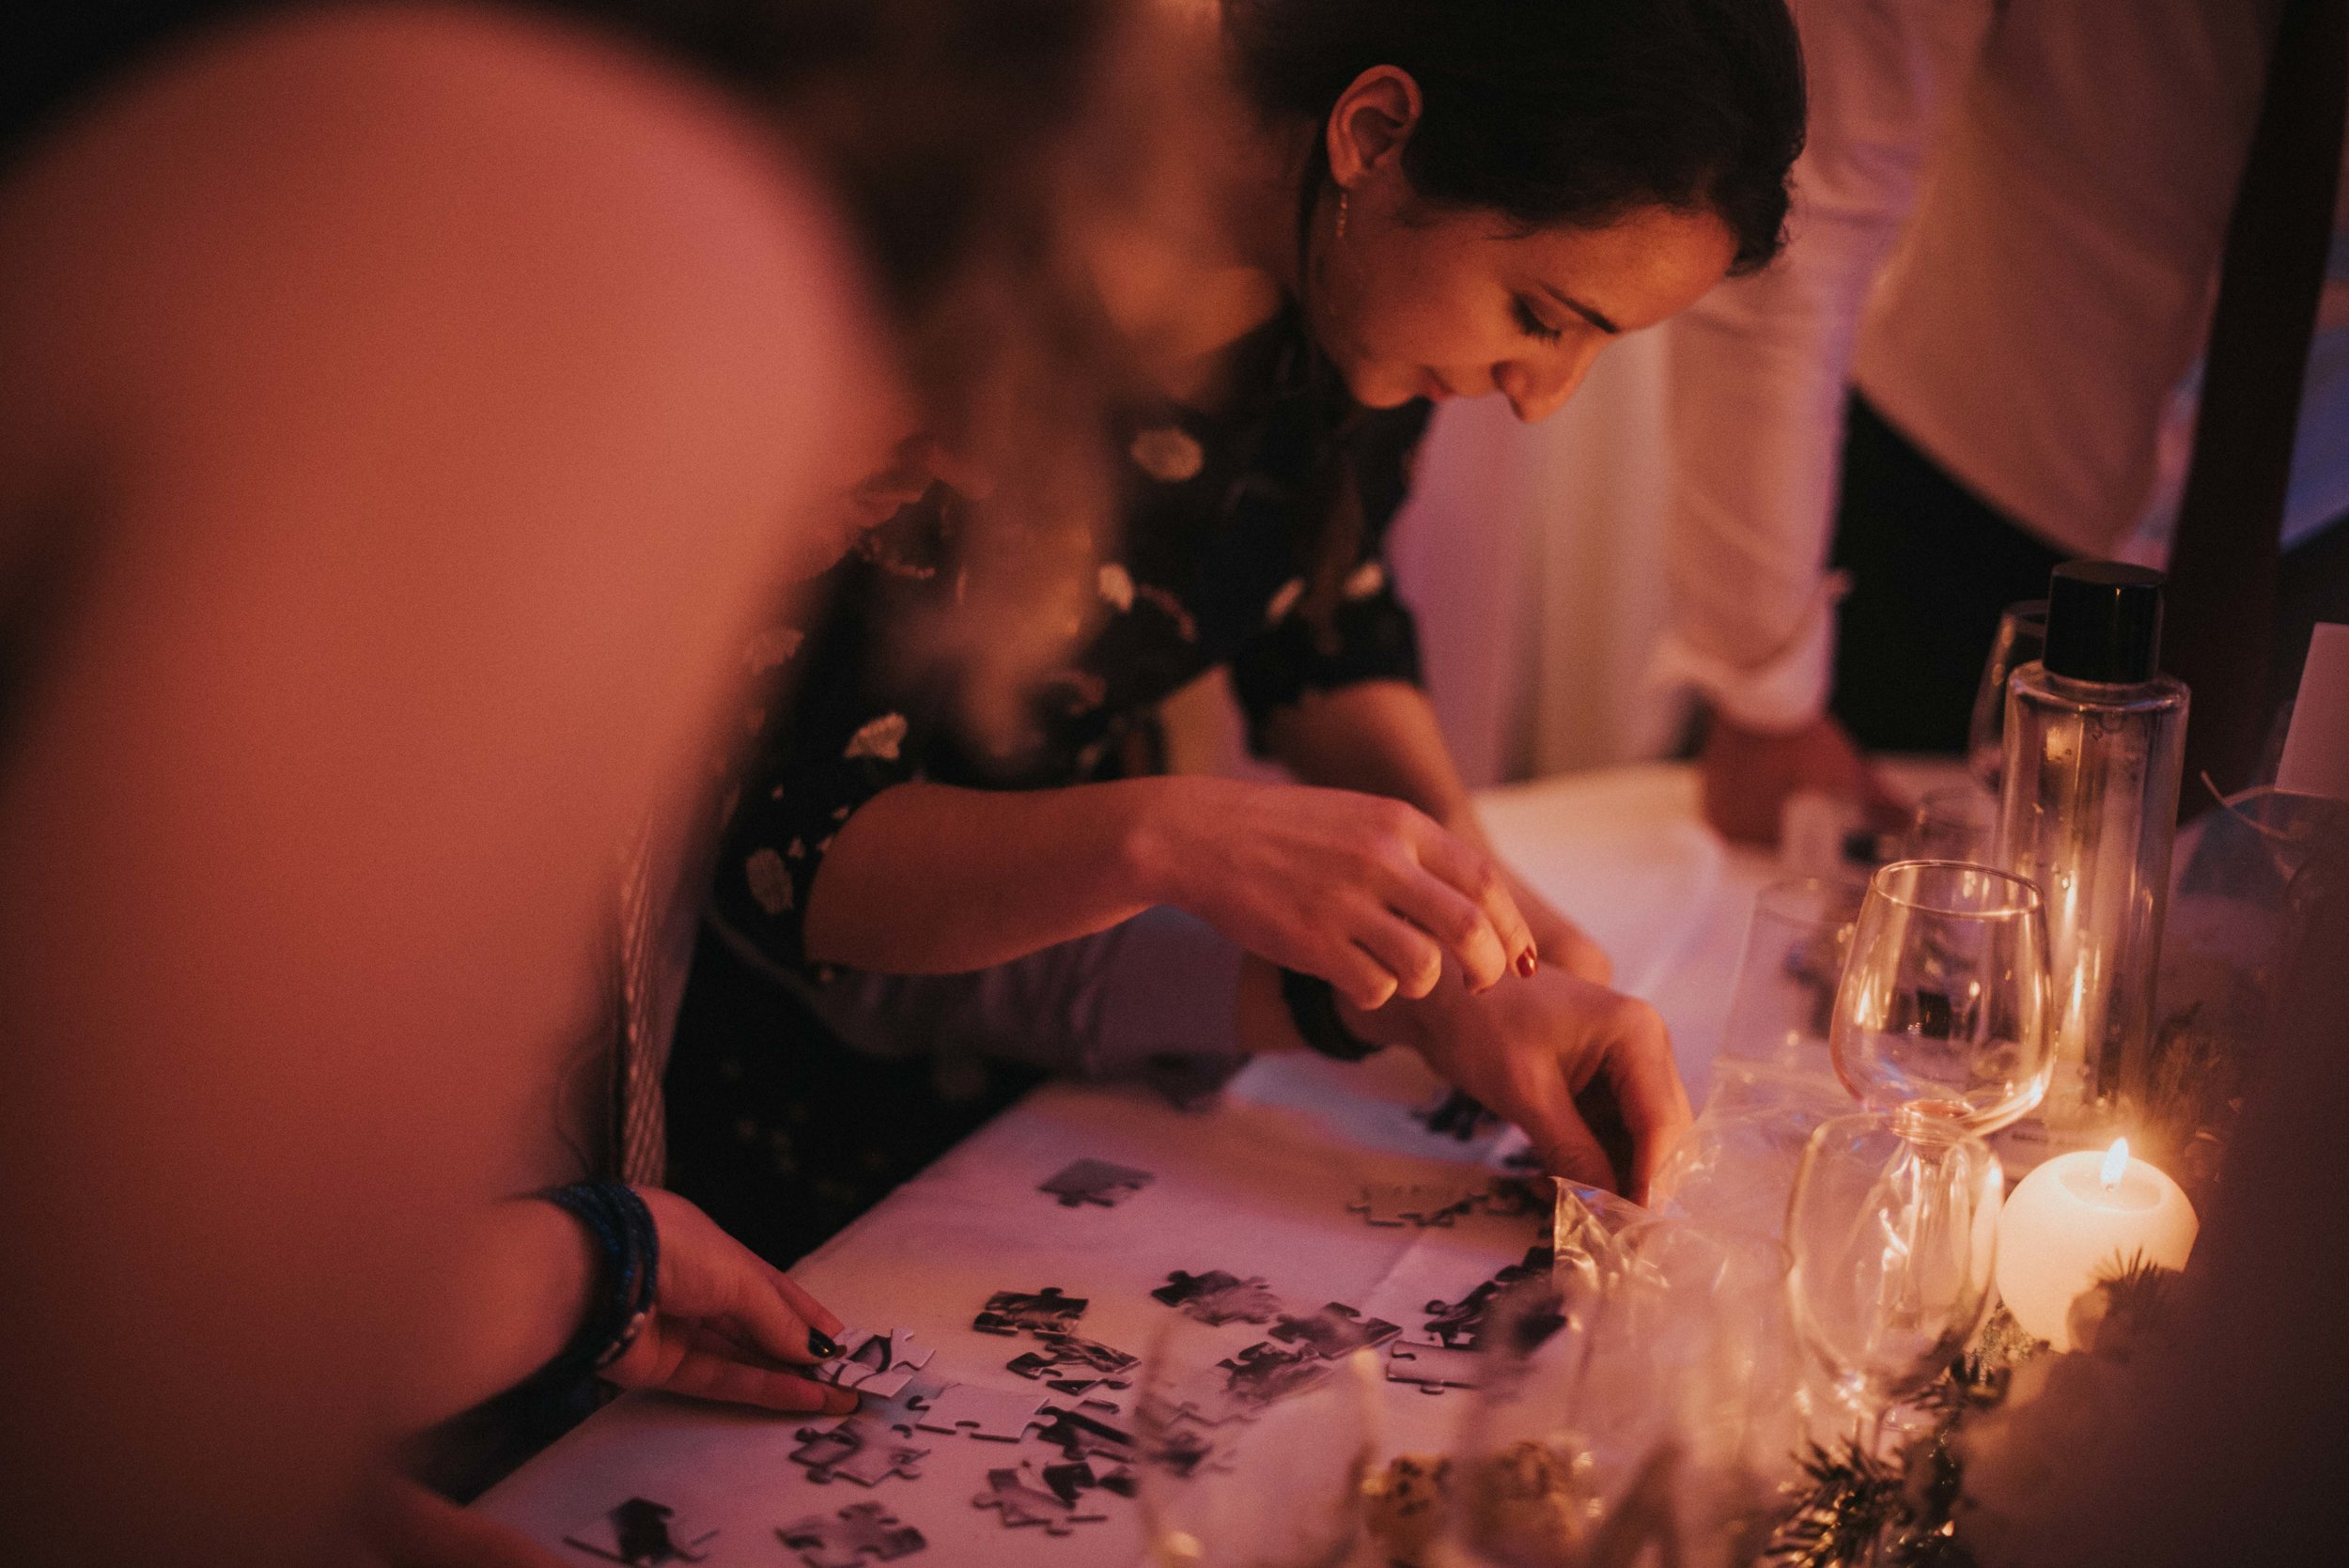 Léa-Fery-photographe-professionnel-lyon-rhone-alpes-portrait-mariage-couple-amour-lovesession-engagement-elopment-3339.jpg